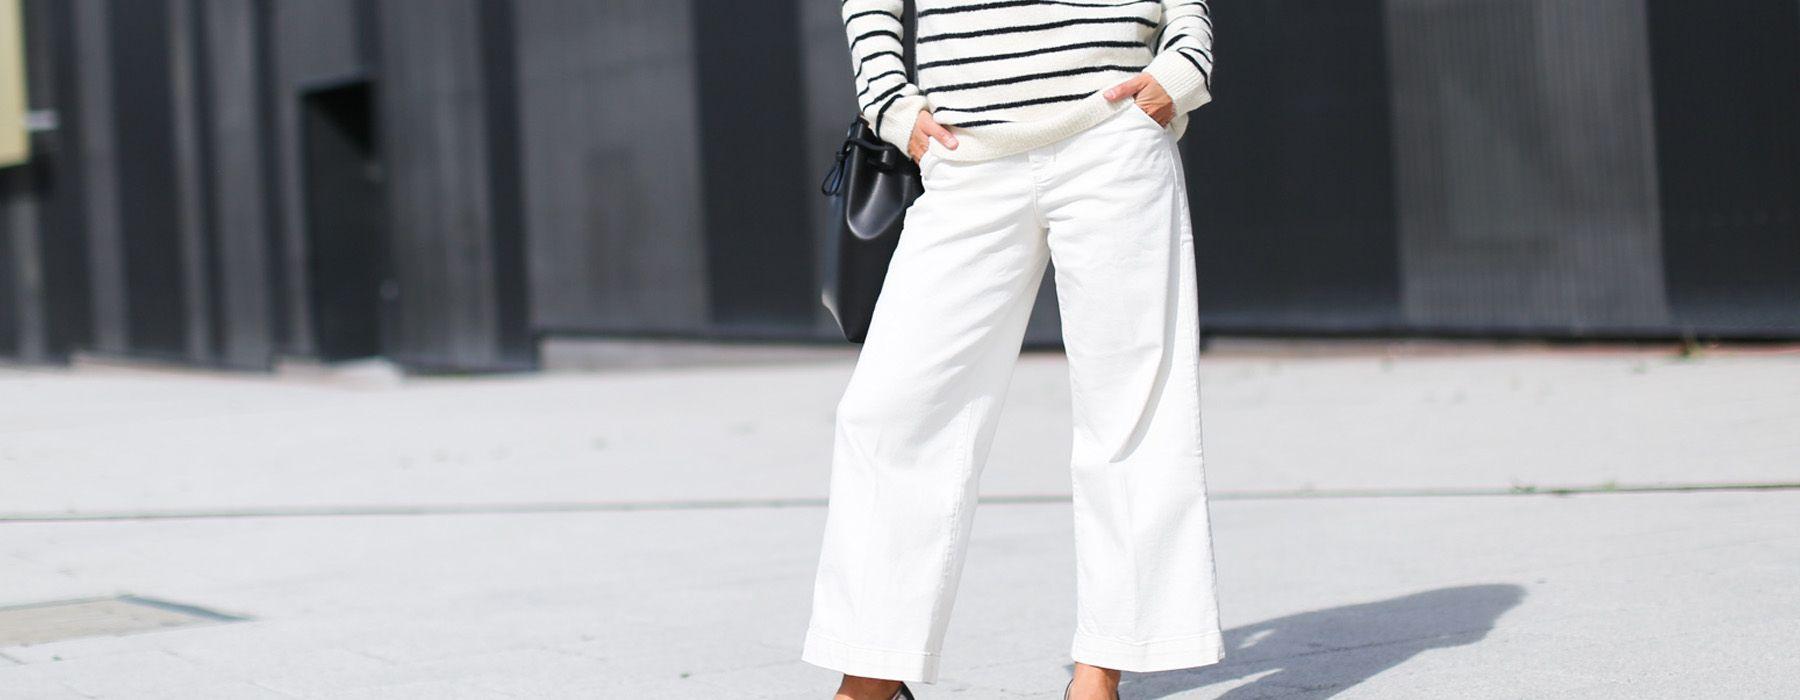 Come indossare i pantaloni bianchi in inverno